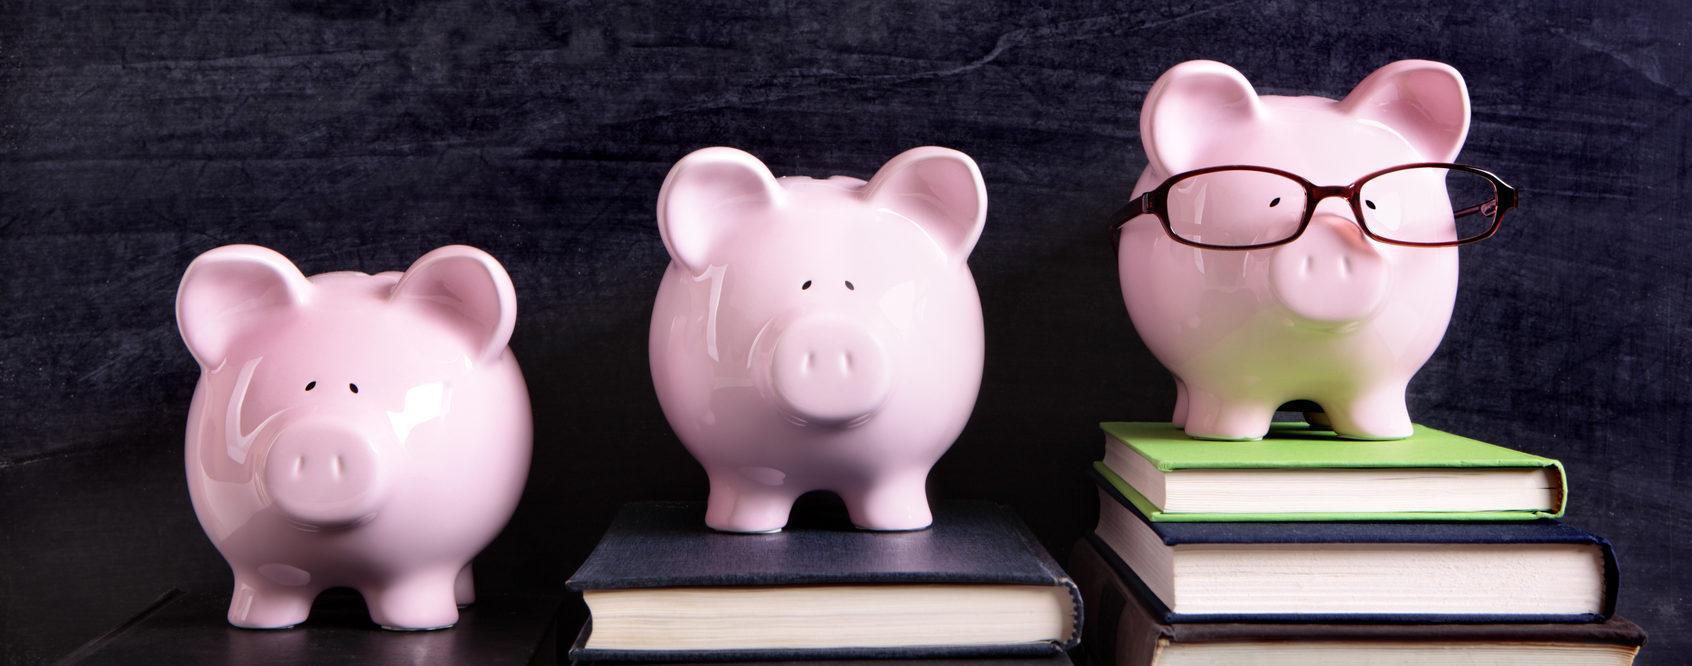 Educación financiera, economía, finanzas, dinero, formación, empleo, recurso